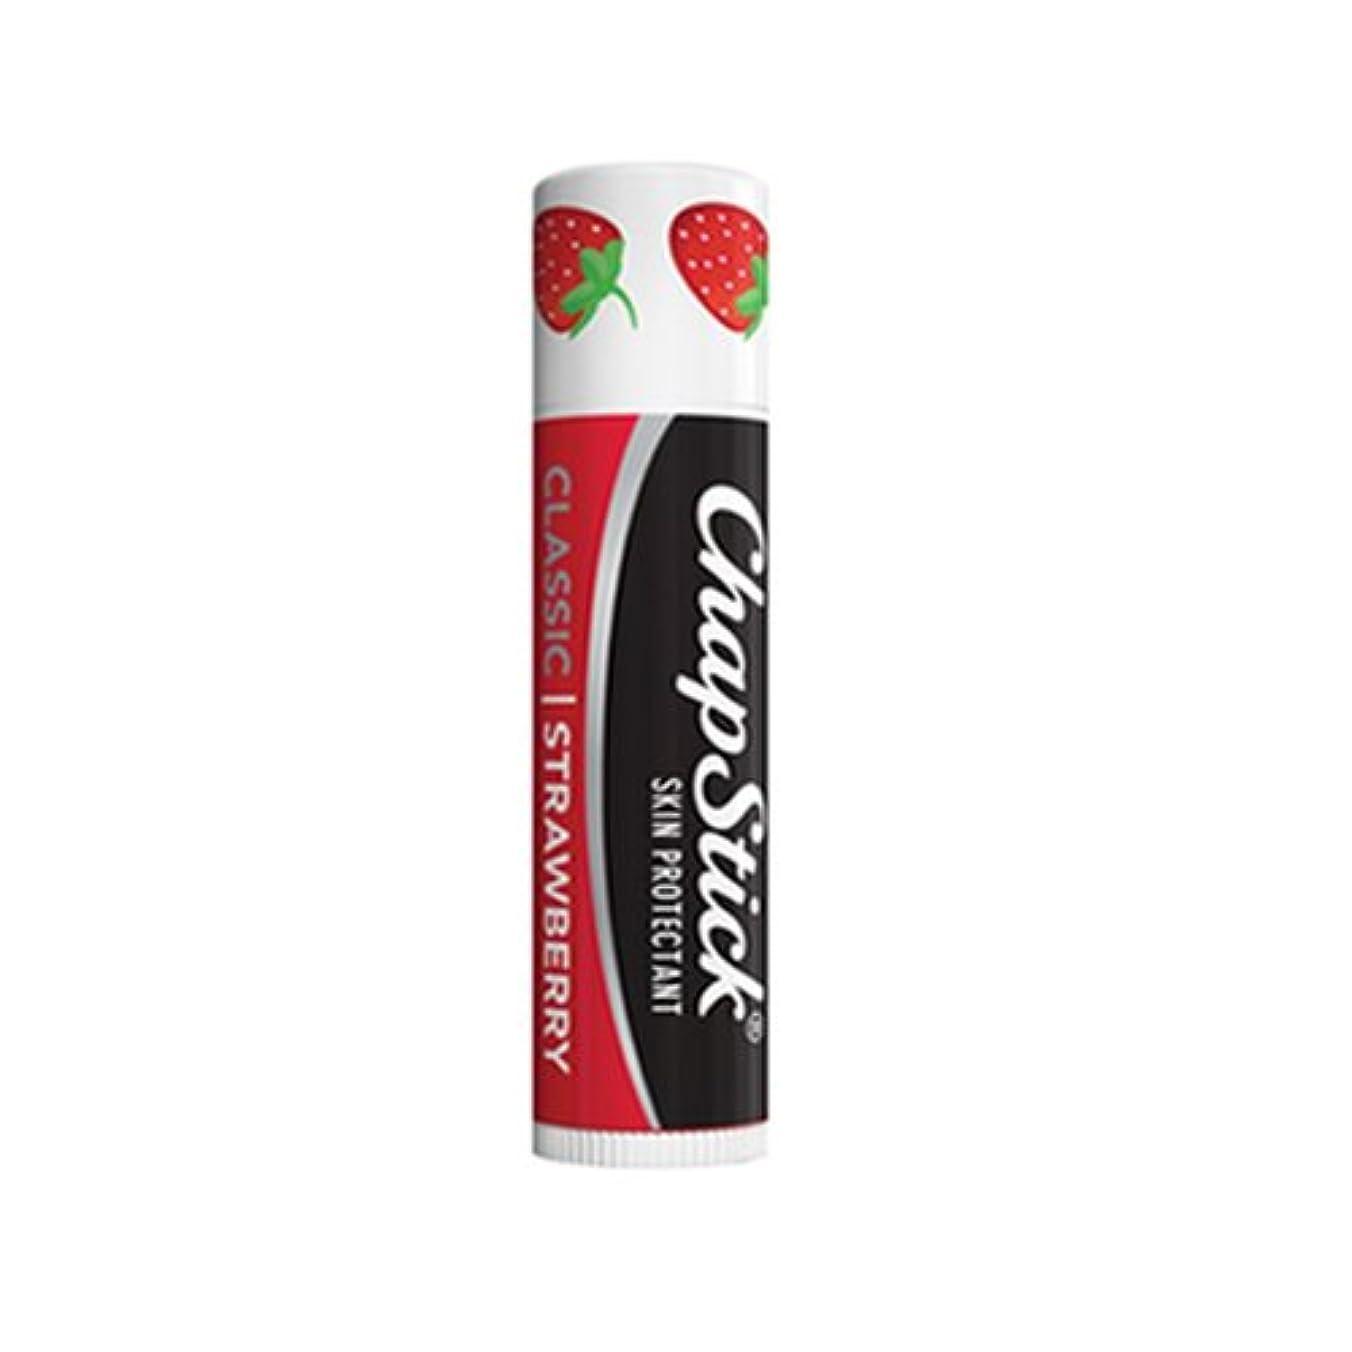 既婚アイザックほこりっぽい(3 Pack) Chapstick Classic - Strawberry (並行輸入品)